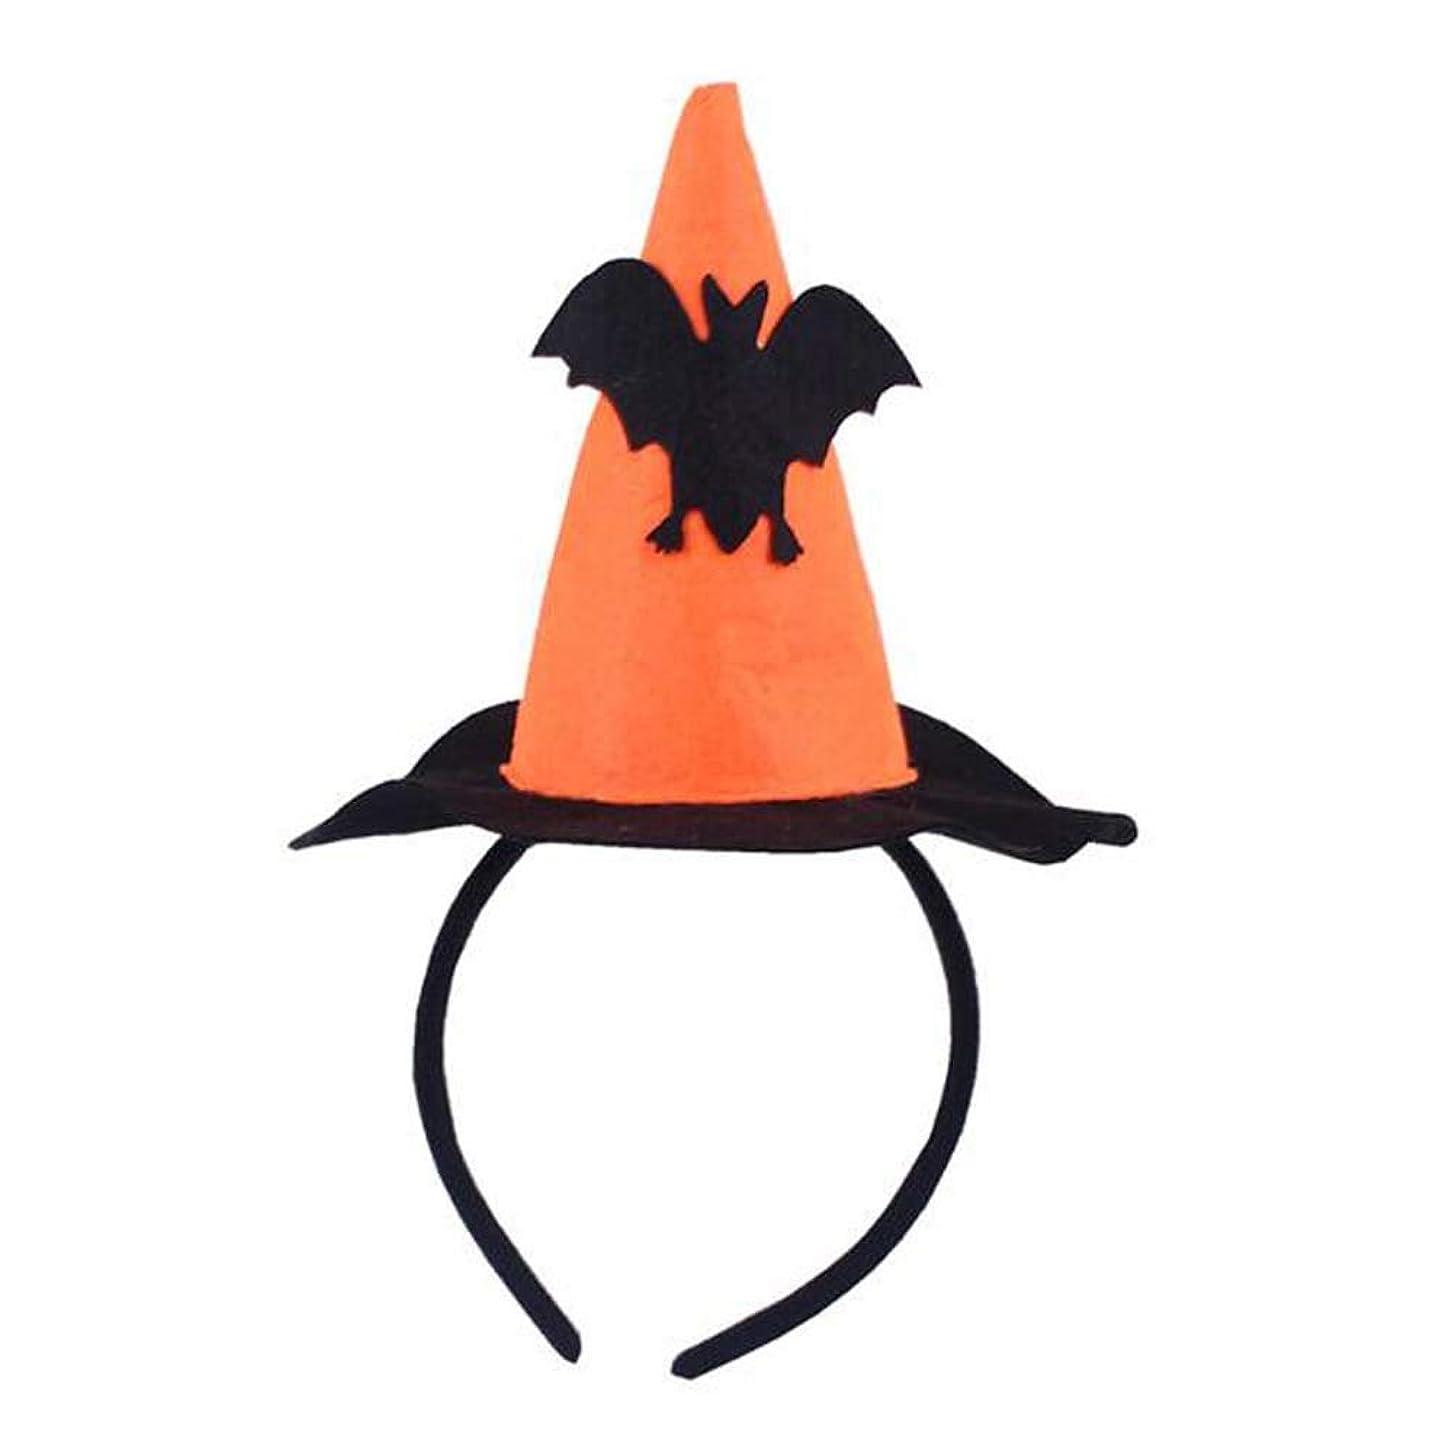 チーターきょうだいデザイナー子供のためのハロウィーンヘッドバンドミニヘアフープコスプレコスチューム、オレンジ